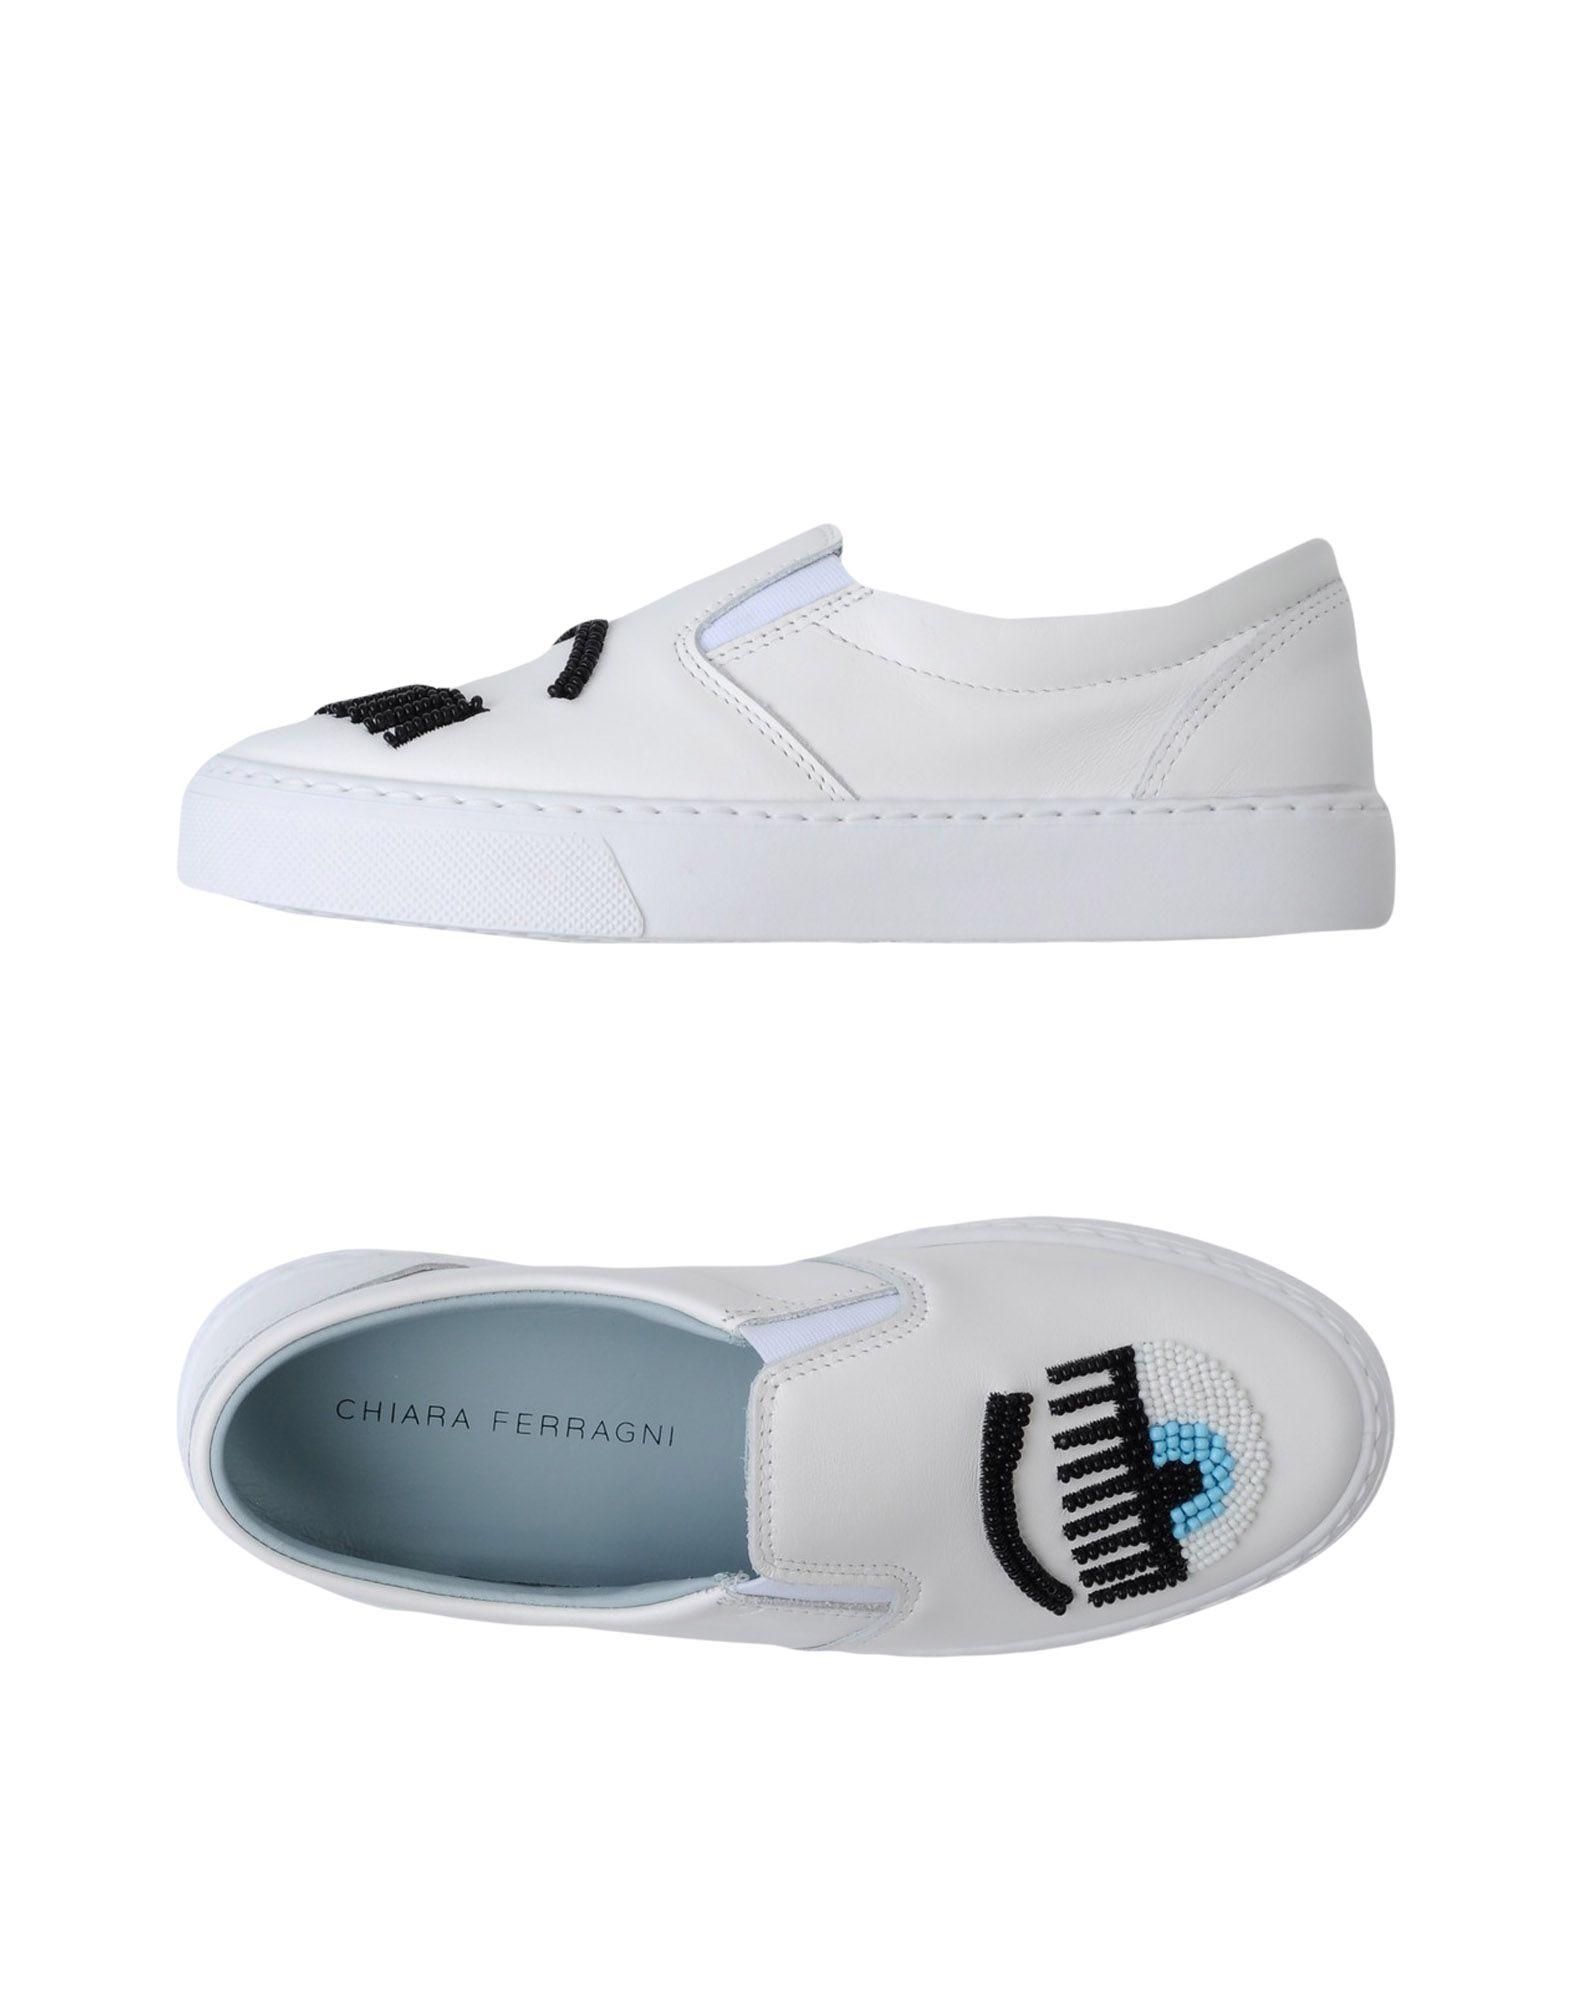 Sneakers Chiara Ferragni Donna Donna Ferragni - 11339341IJ 460050